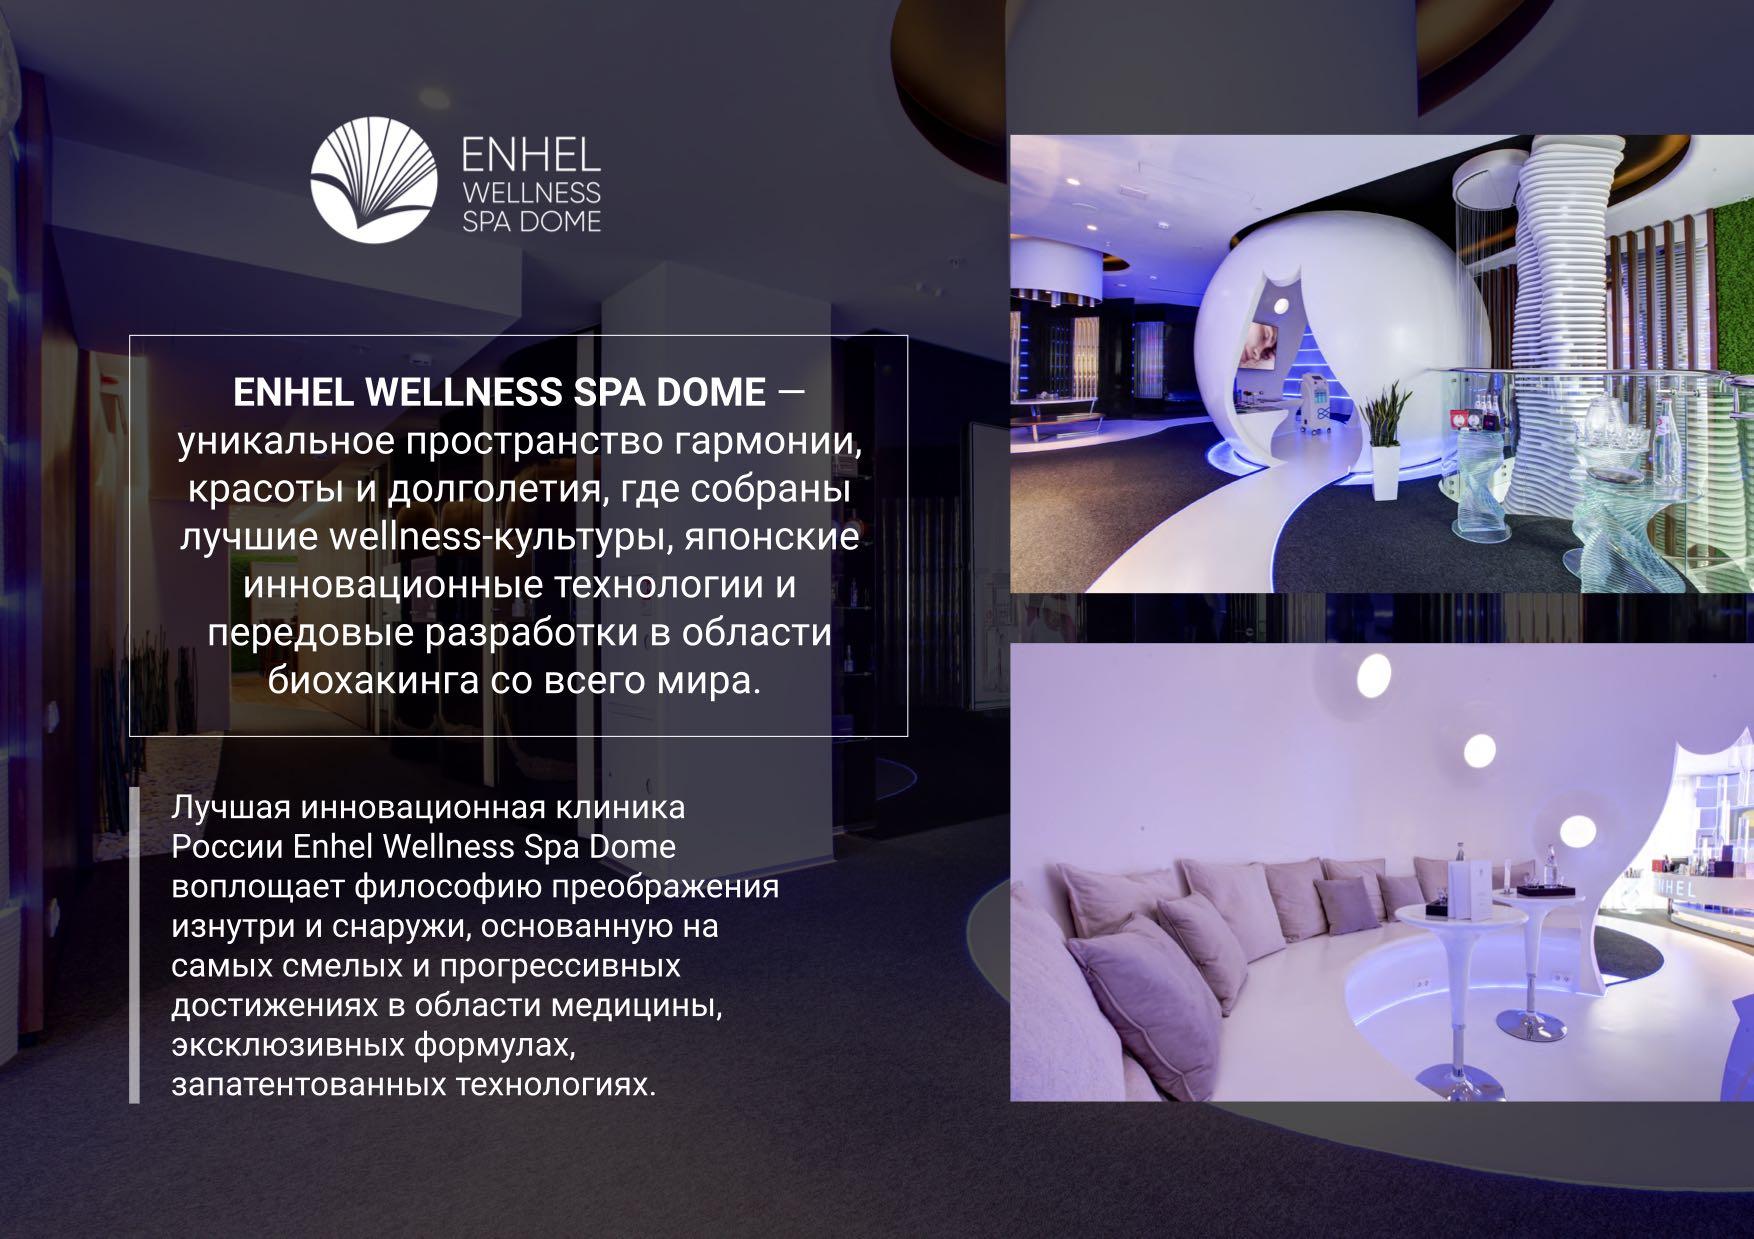 Инновационная клиника России Enhel Wellness Spa Dome